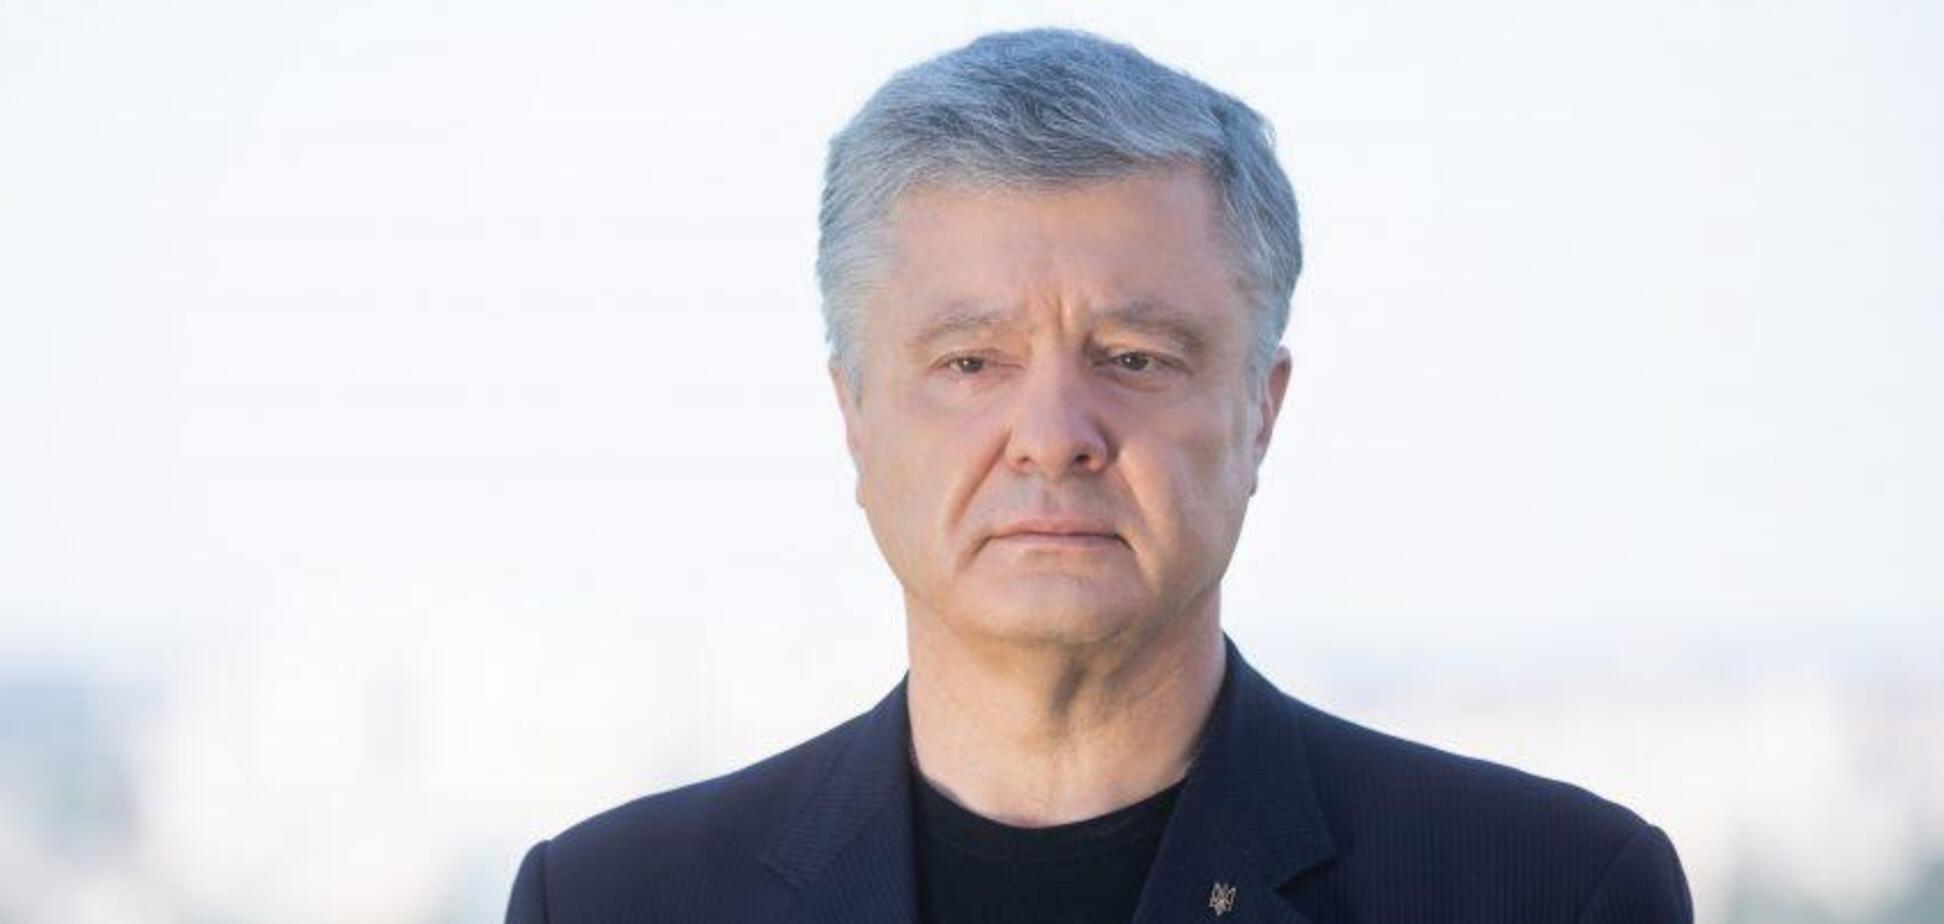 Борьба за Донбасс продолжается, – Порошенко об освобождении Славянска и Краматорска